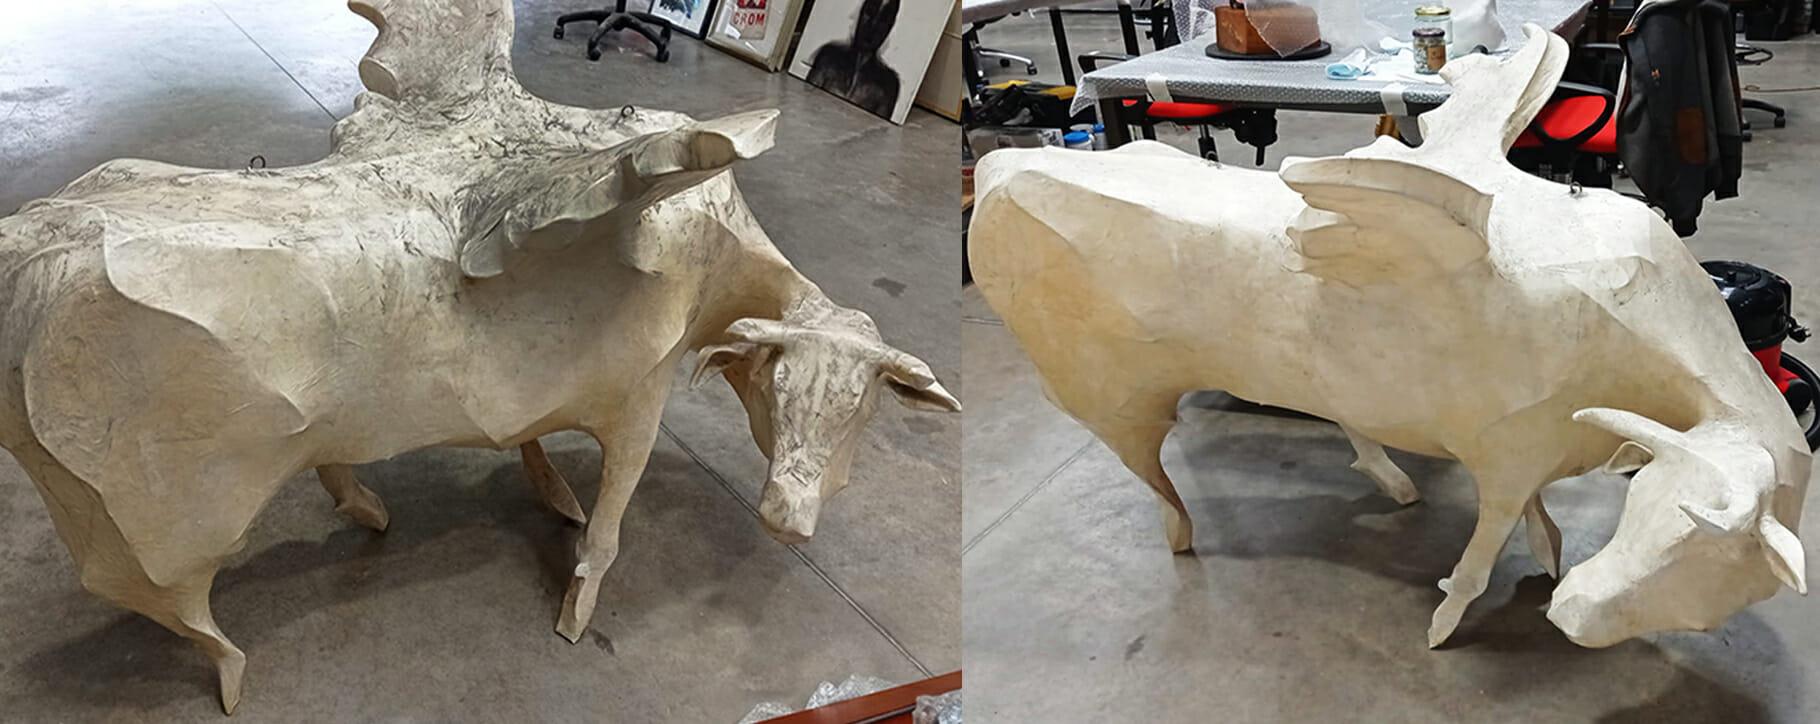 Papier Mache Bull